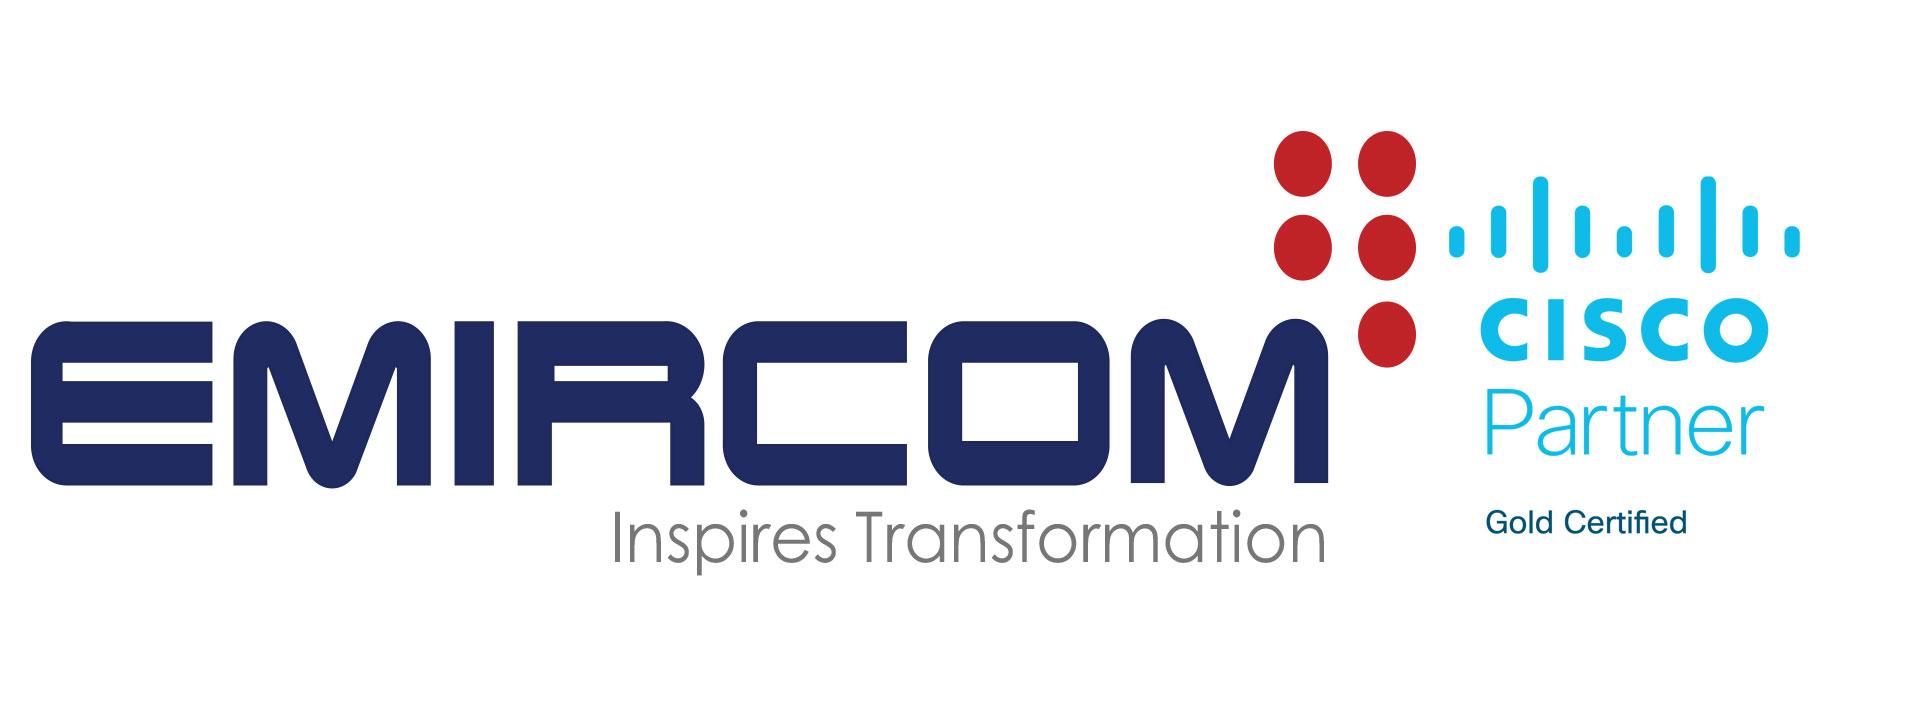 Emircom_Cisco